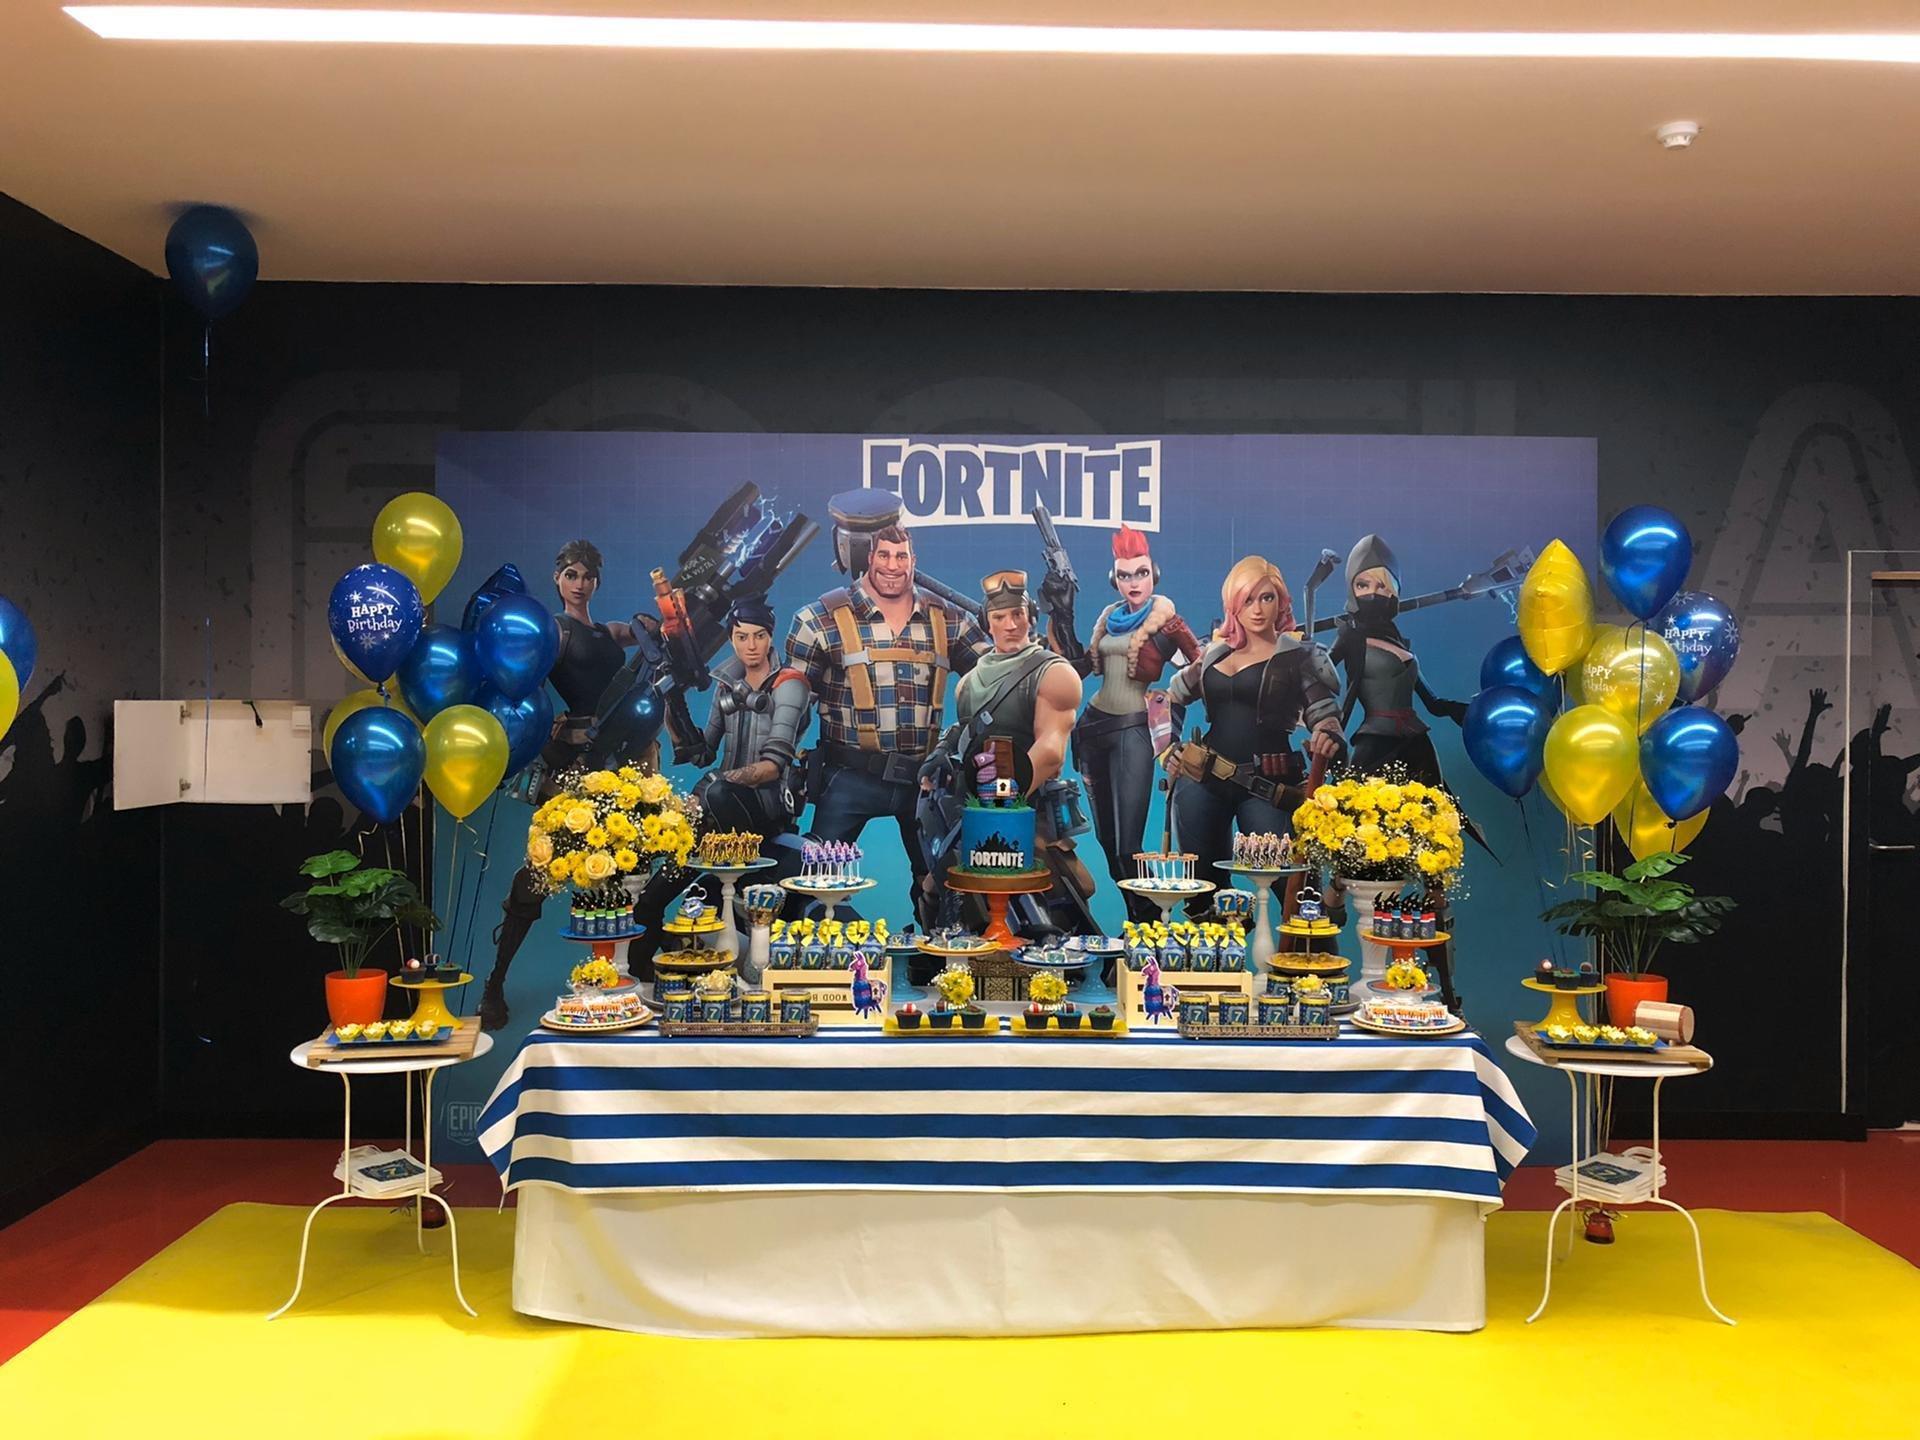 Decoração mesa festa infantil Fortinite